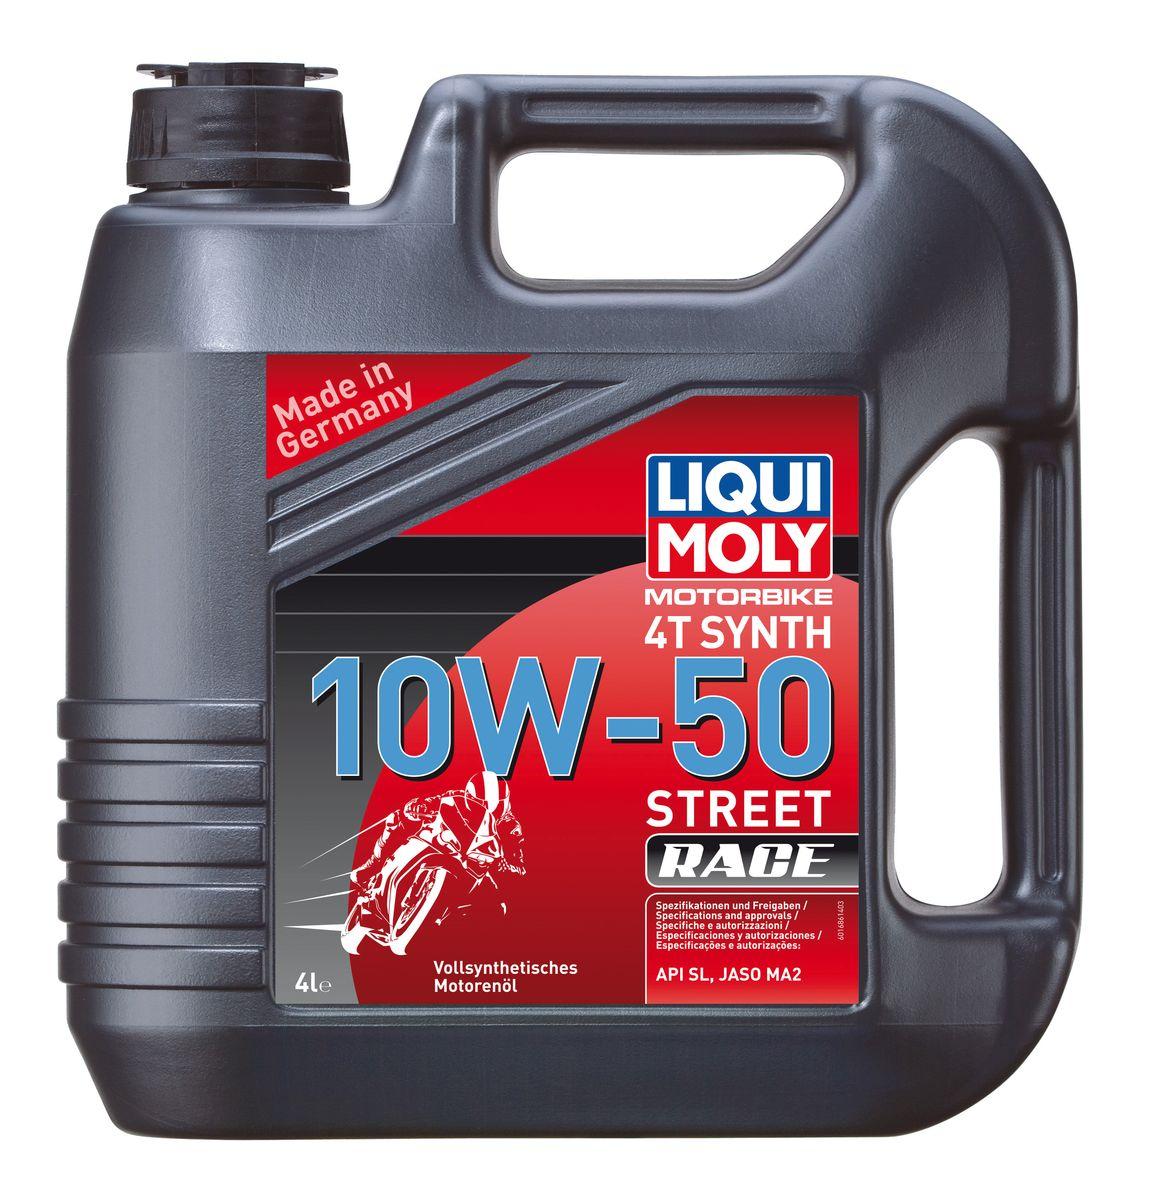 цена на Масло моторное Liqui Moly Motorbike 4T Synth Street Race, синтетическое, 10W-50, 4 л